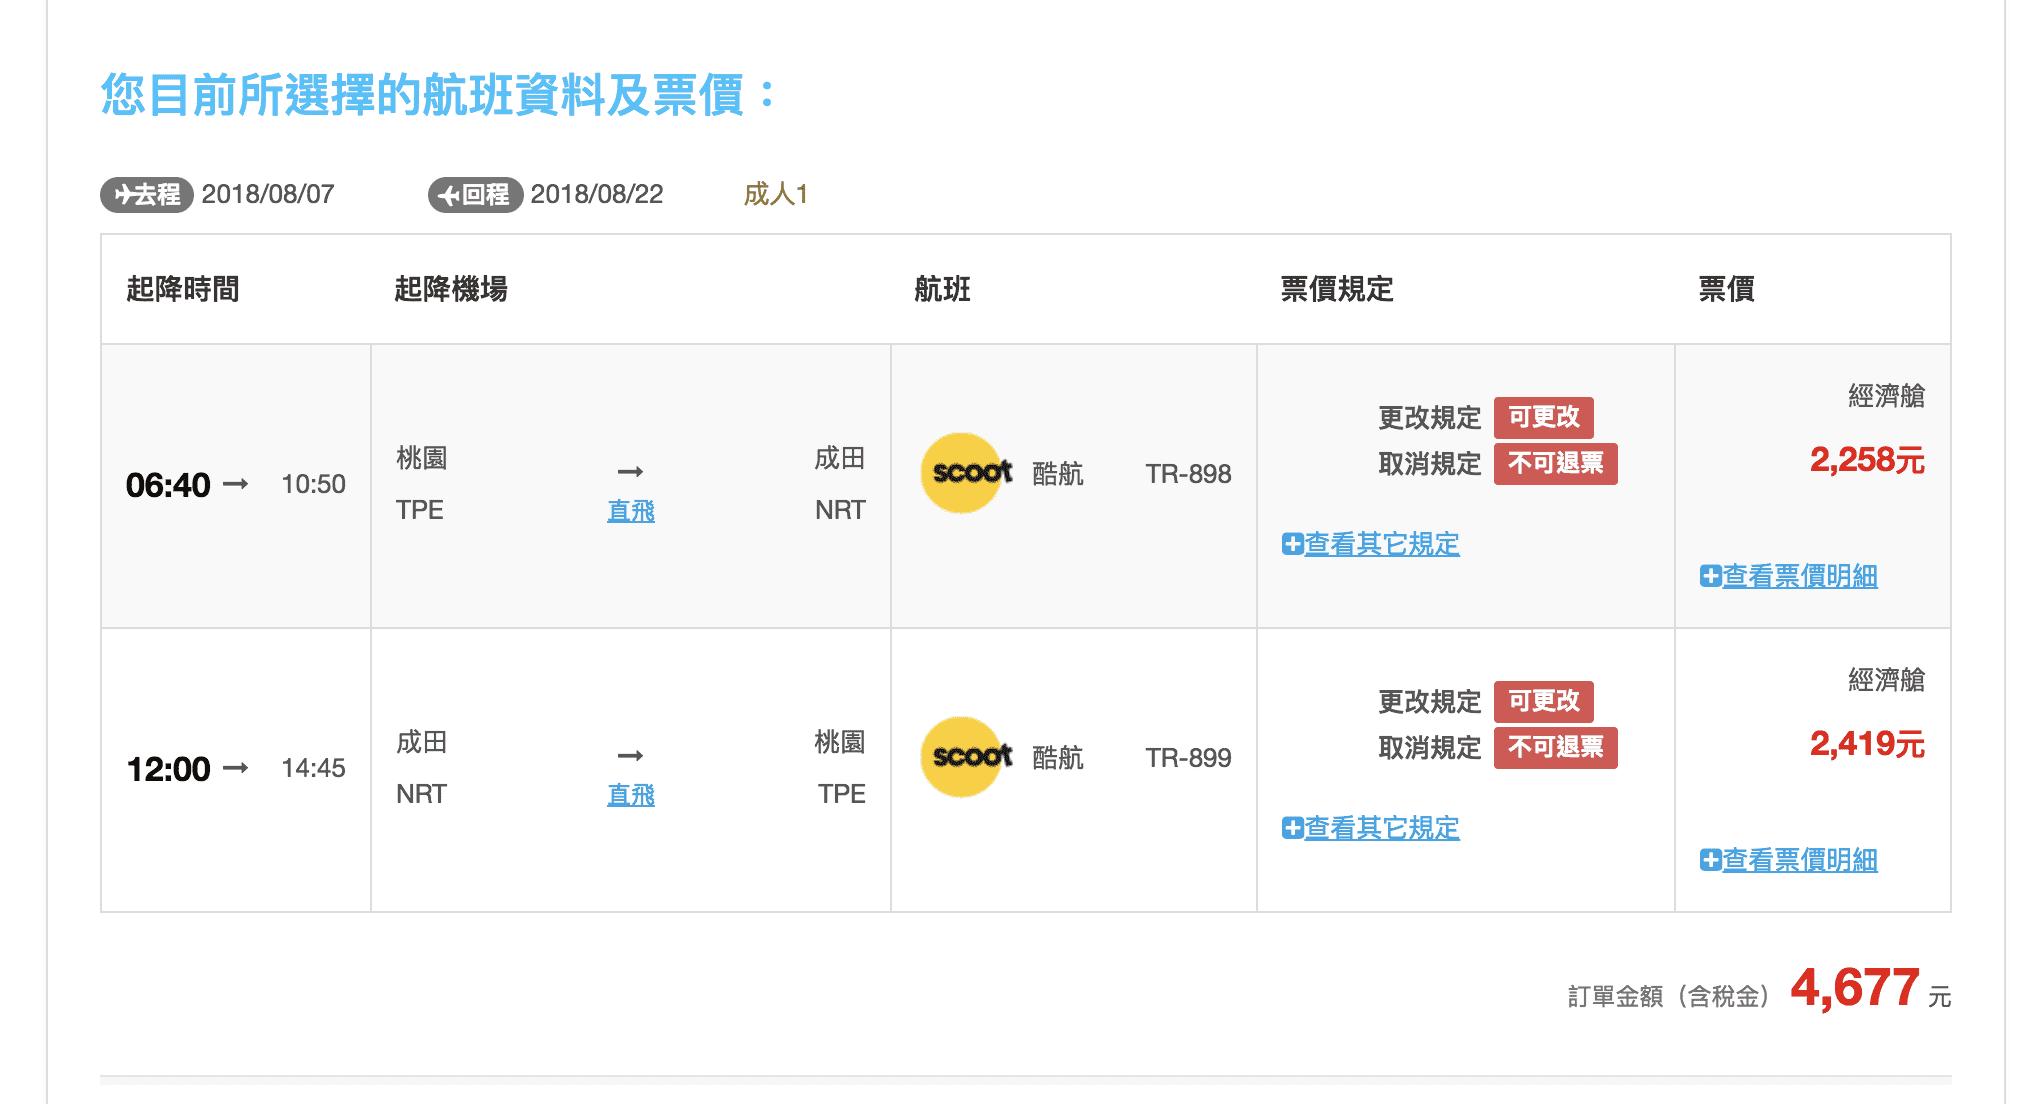 網站近期文章:易飛網ezfly今日十點促銷~虎航全航線最低989元起~(查票:107.6.21)